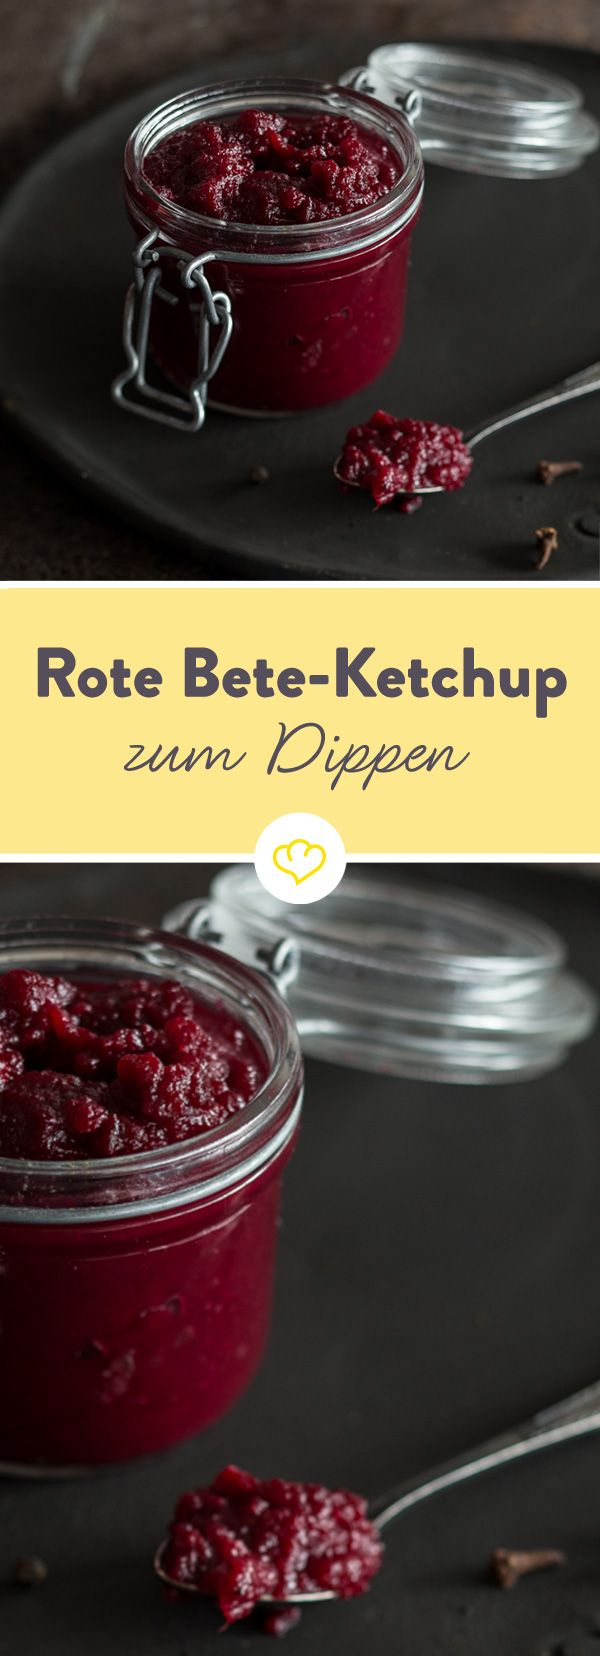 Dieser Ketchup lässt Tomaten einfach mal außen vor. Stattdessen verleiht Rote-Bete dem Dip seine herrlich kräftige Farbe und eine feine Süße.